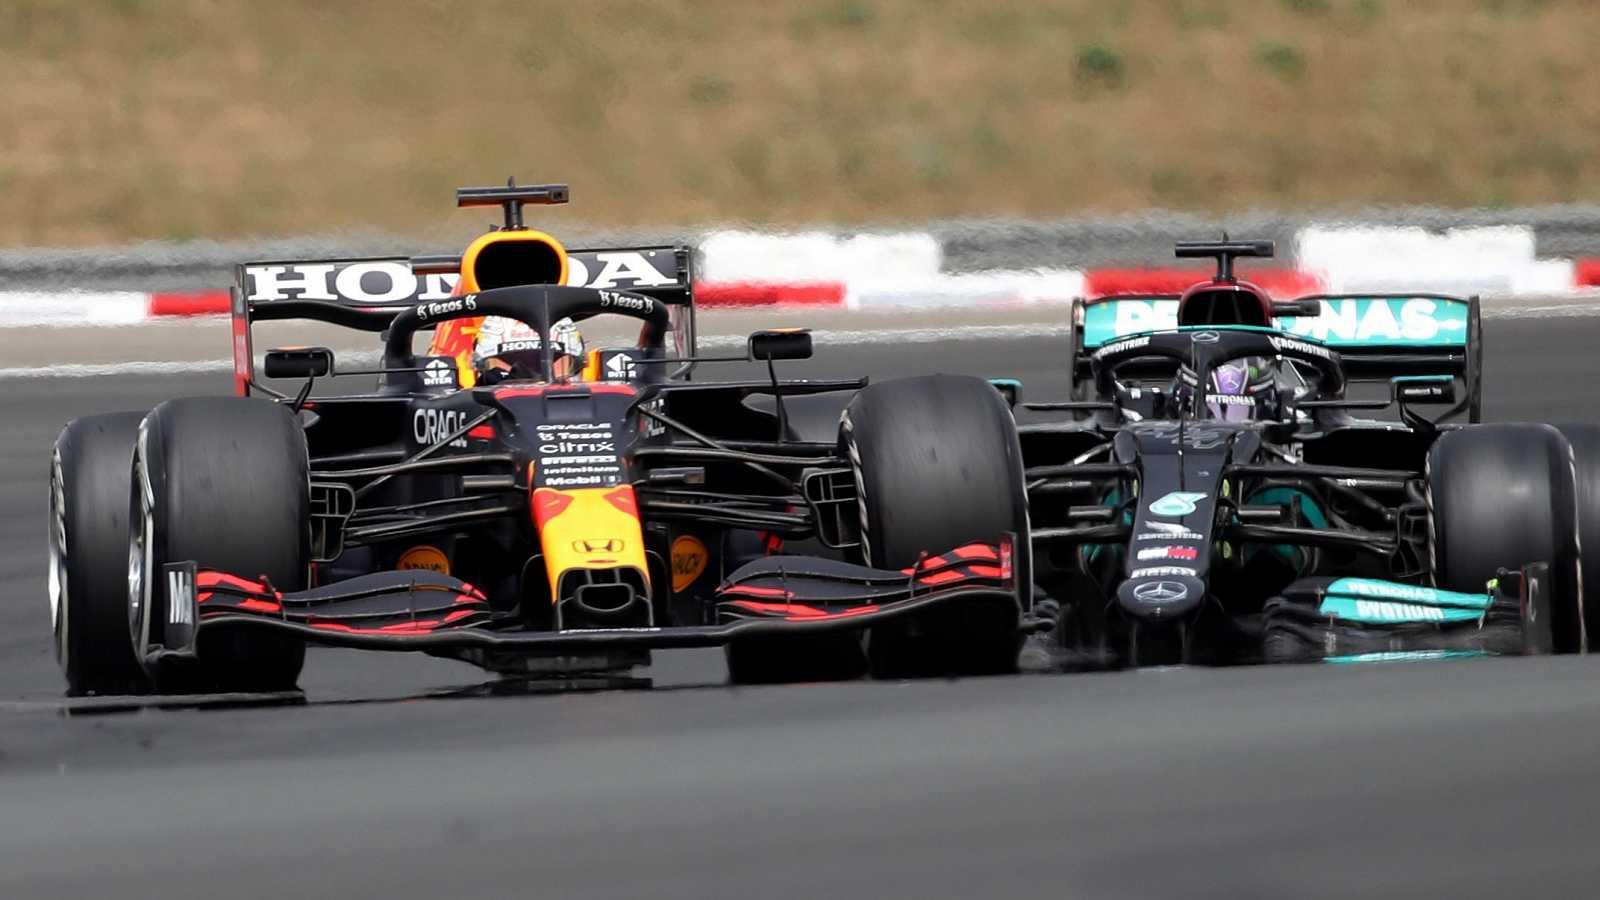 GP de Francia / Gana Verstappen con excelente estrategia y mejor conducción